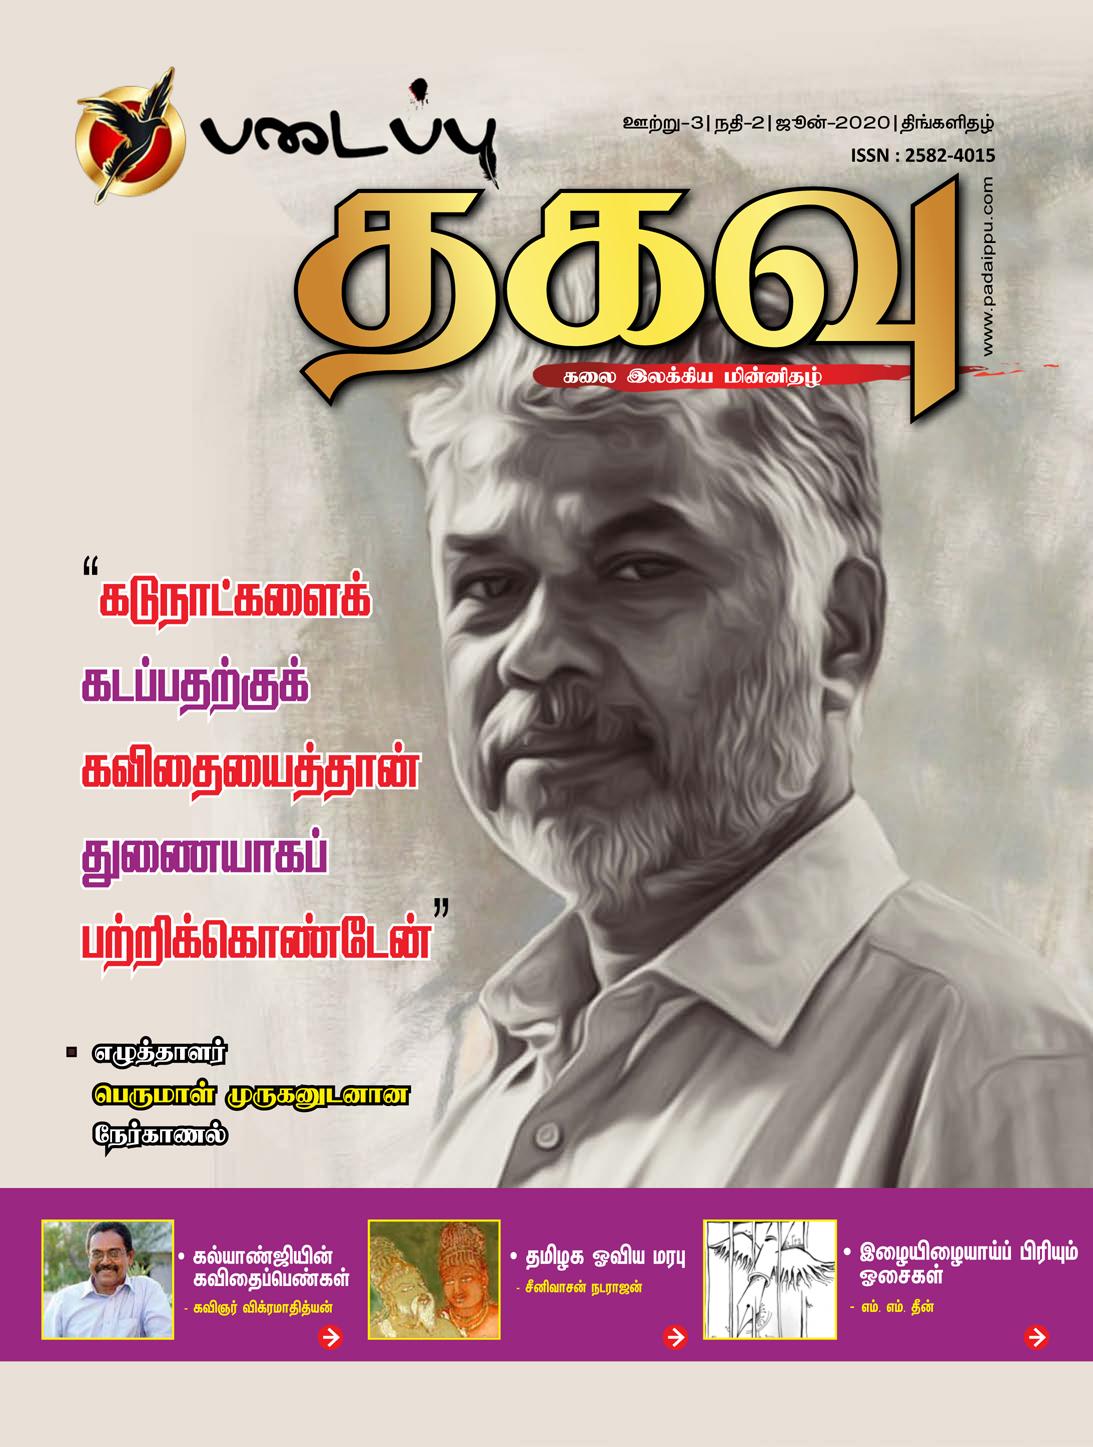 படைப்பு தகவு - கலை இலக்கிய திங்களிதழ் - 26